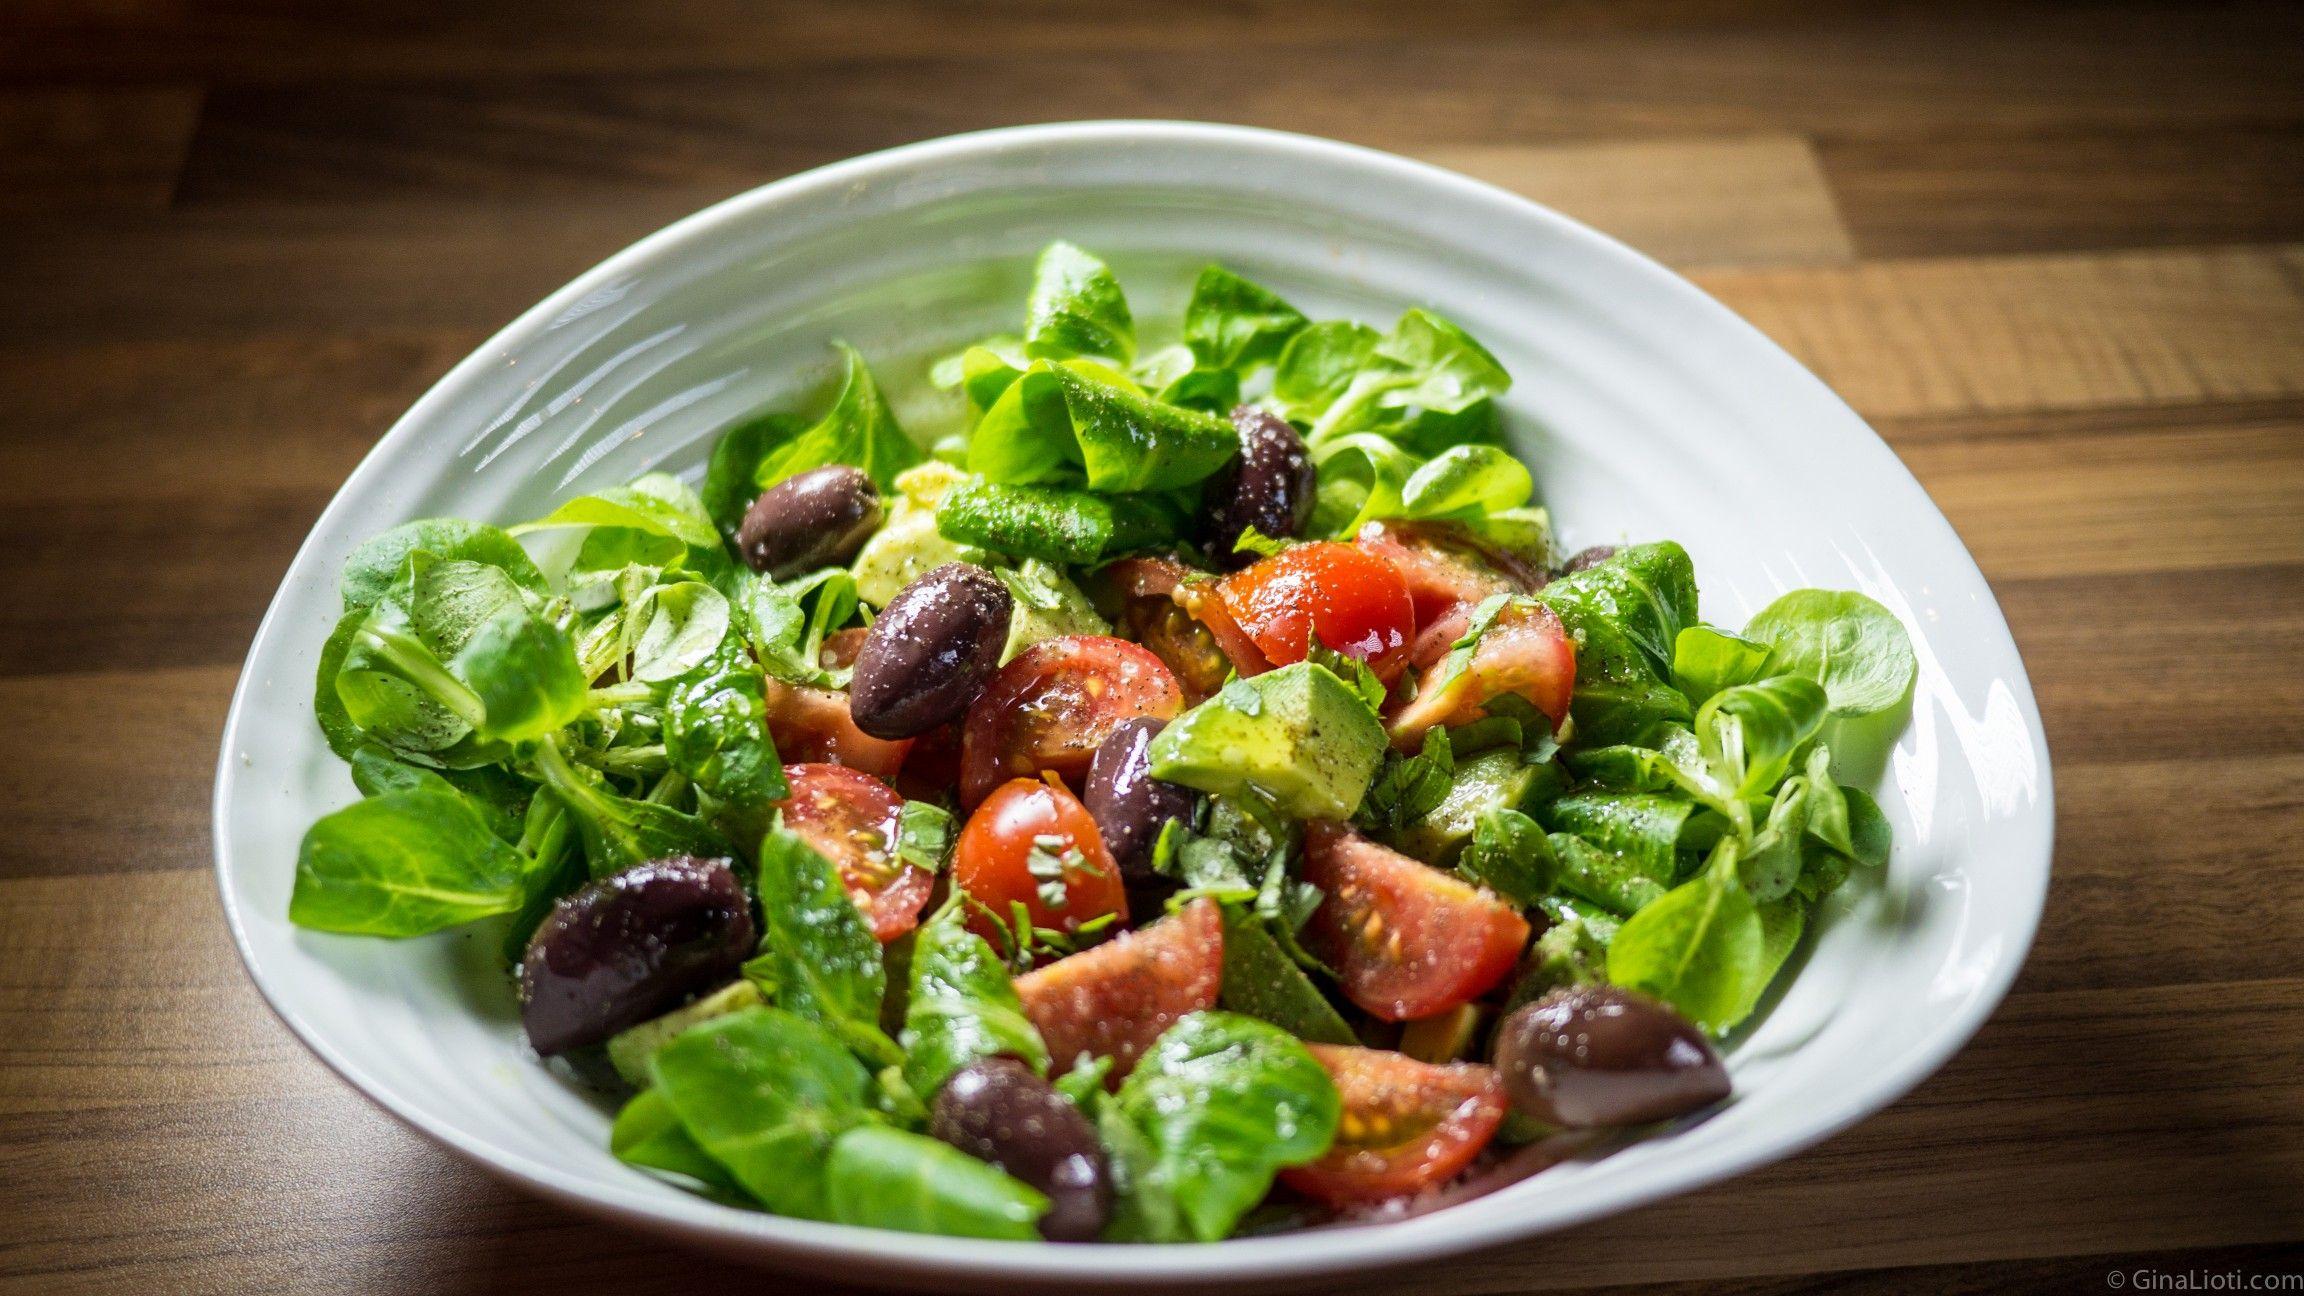 Lamb's lettuce, tomato, avocado & olive salad